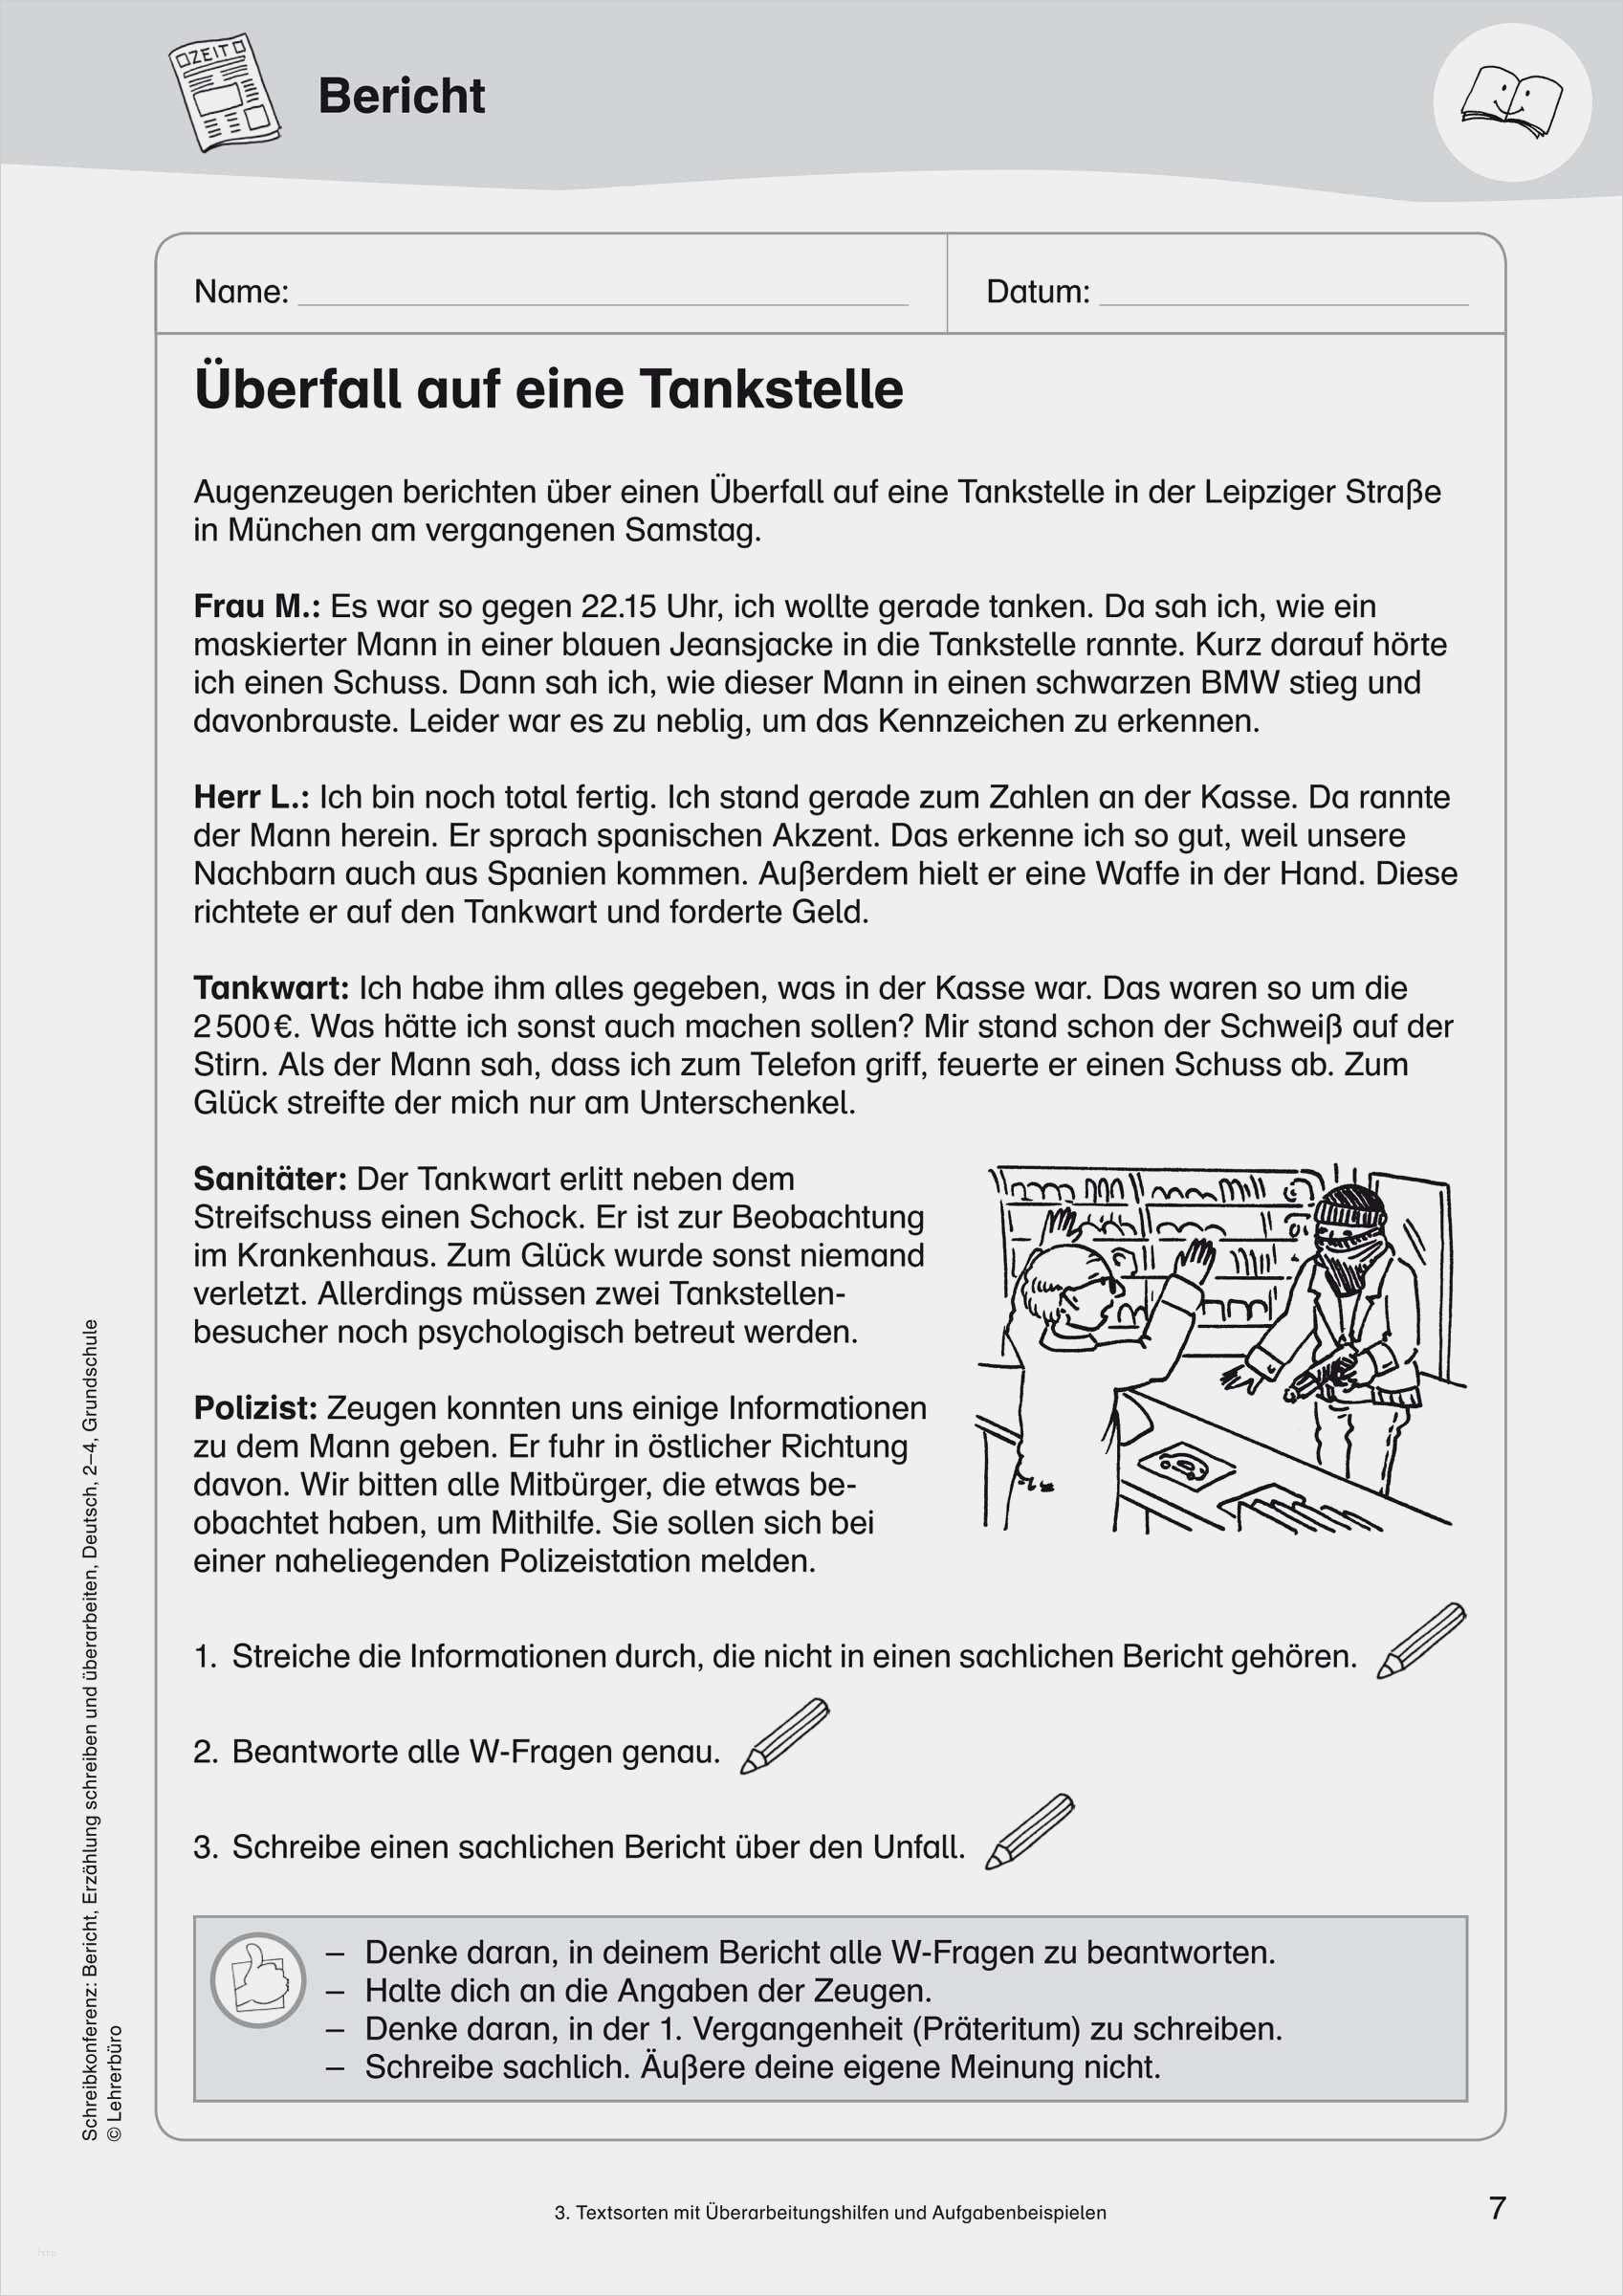 34 Wunderbar Unfallbericht Schreiben Vorlage Galerie In 2020 Lebenslauf Lebenslauf Zum Ausfullen Unfallbericht